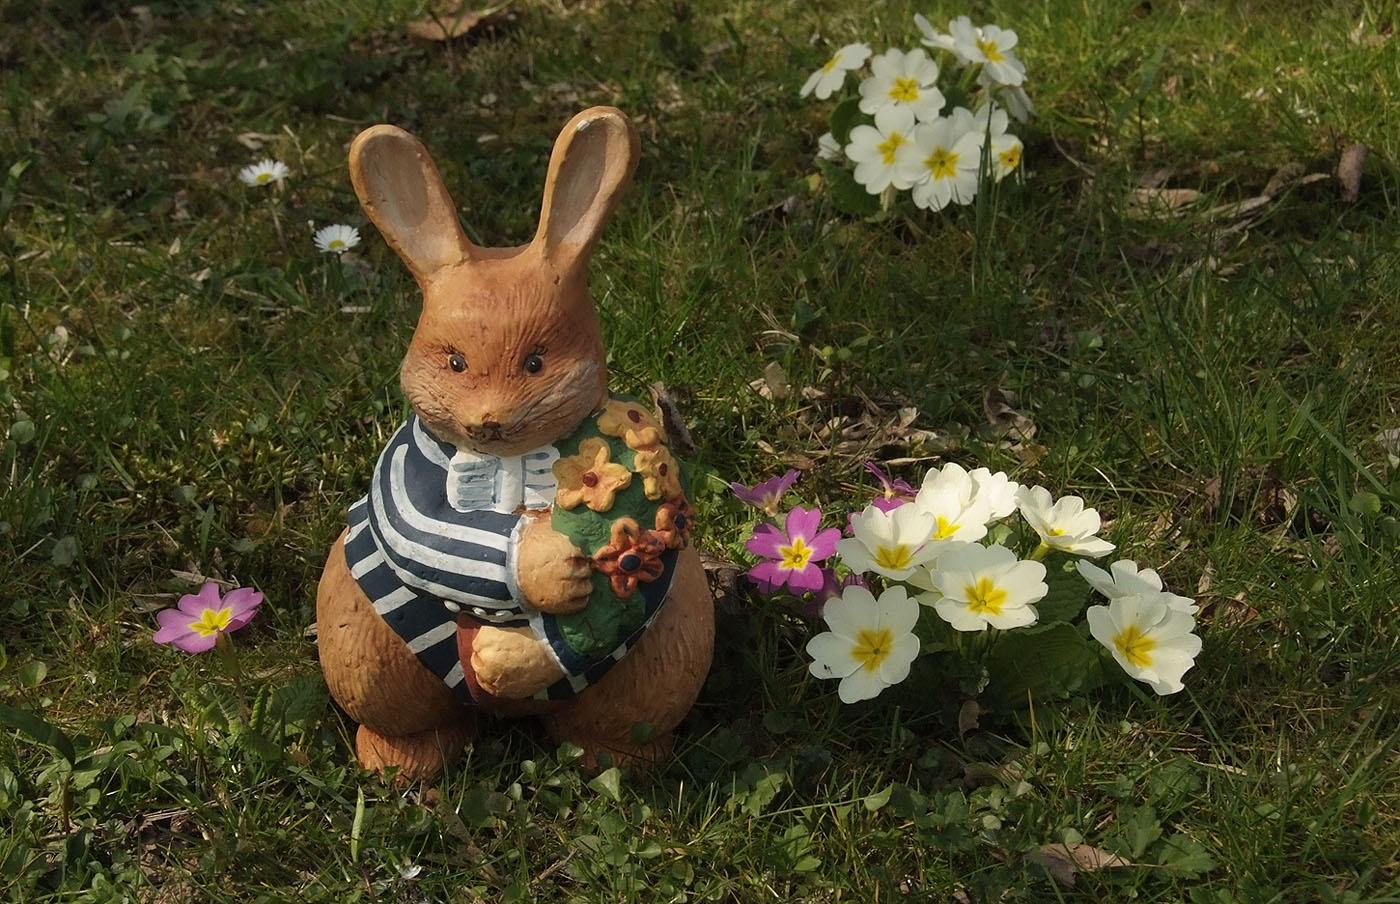 So - bis zum nächsten Osterfest, ....